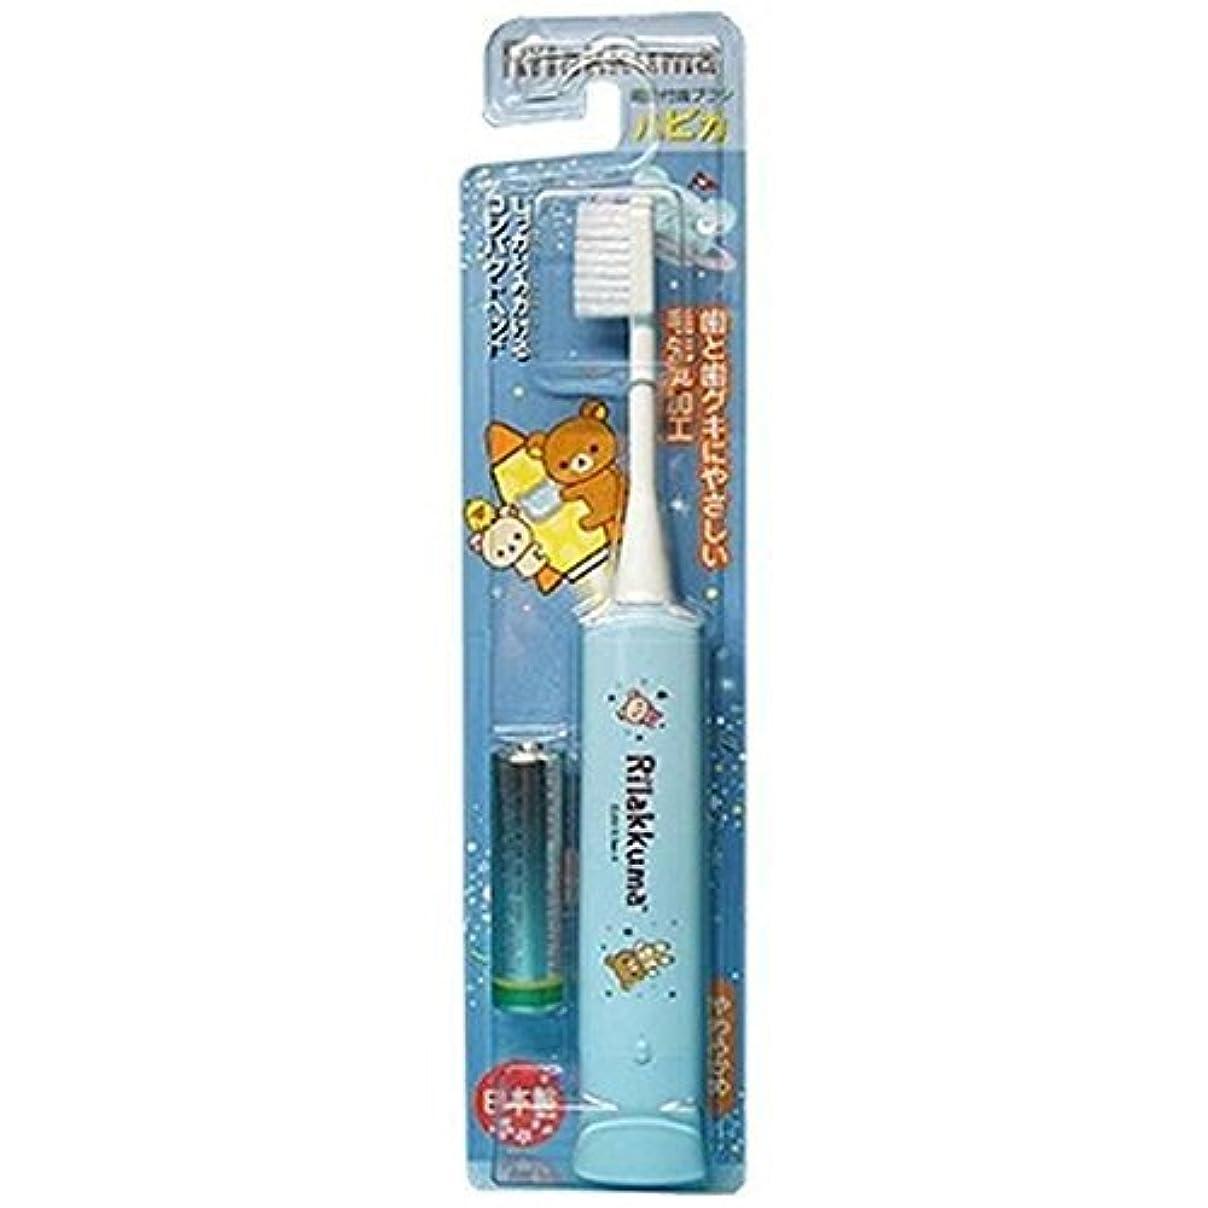 引き出すブランド名カテゴリーミニマム 電動付歯ブラシ リラックマハピカ ブルー 毛の硬さ:やわらかめ DBM-5B(RK)